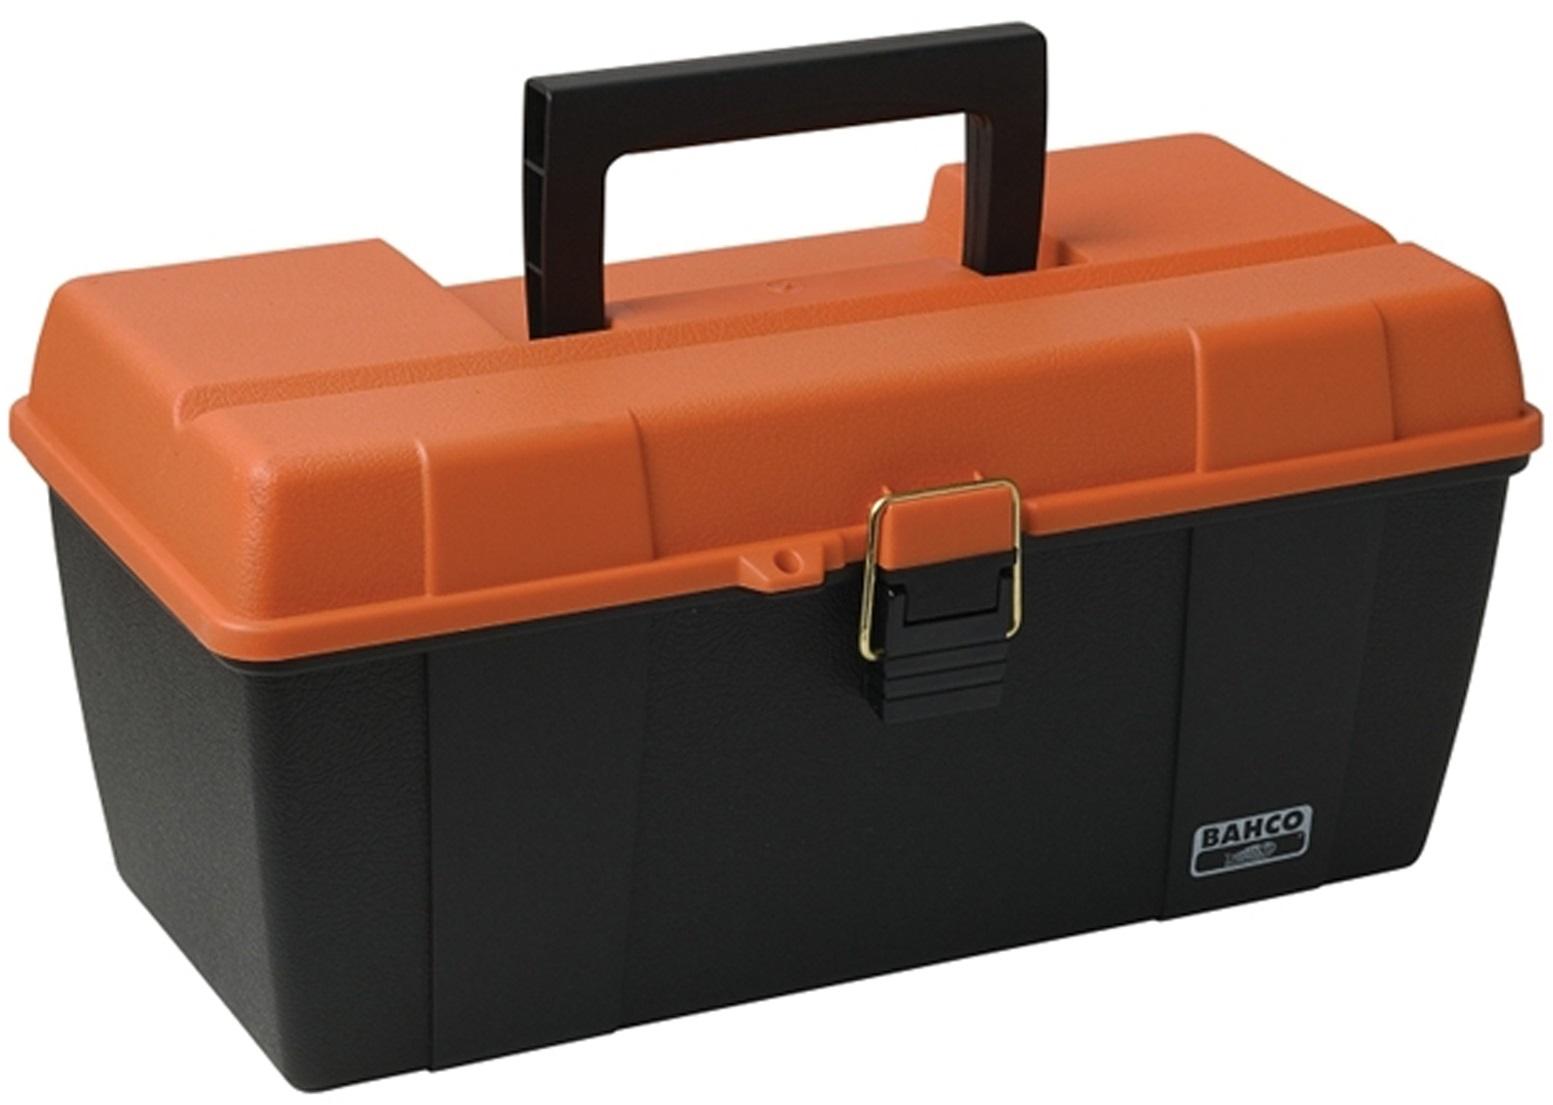 Bahco PTB201420 - ящик для инструментов (Black/Orange)